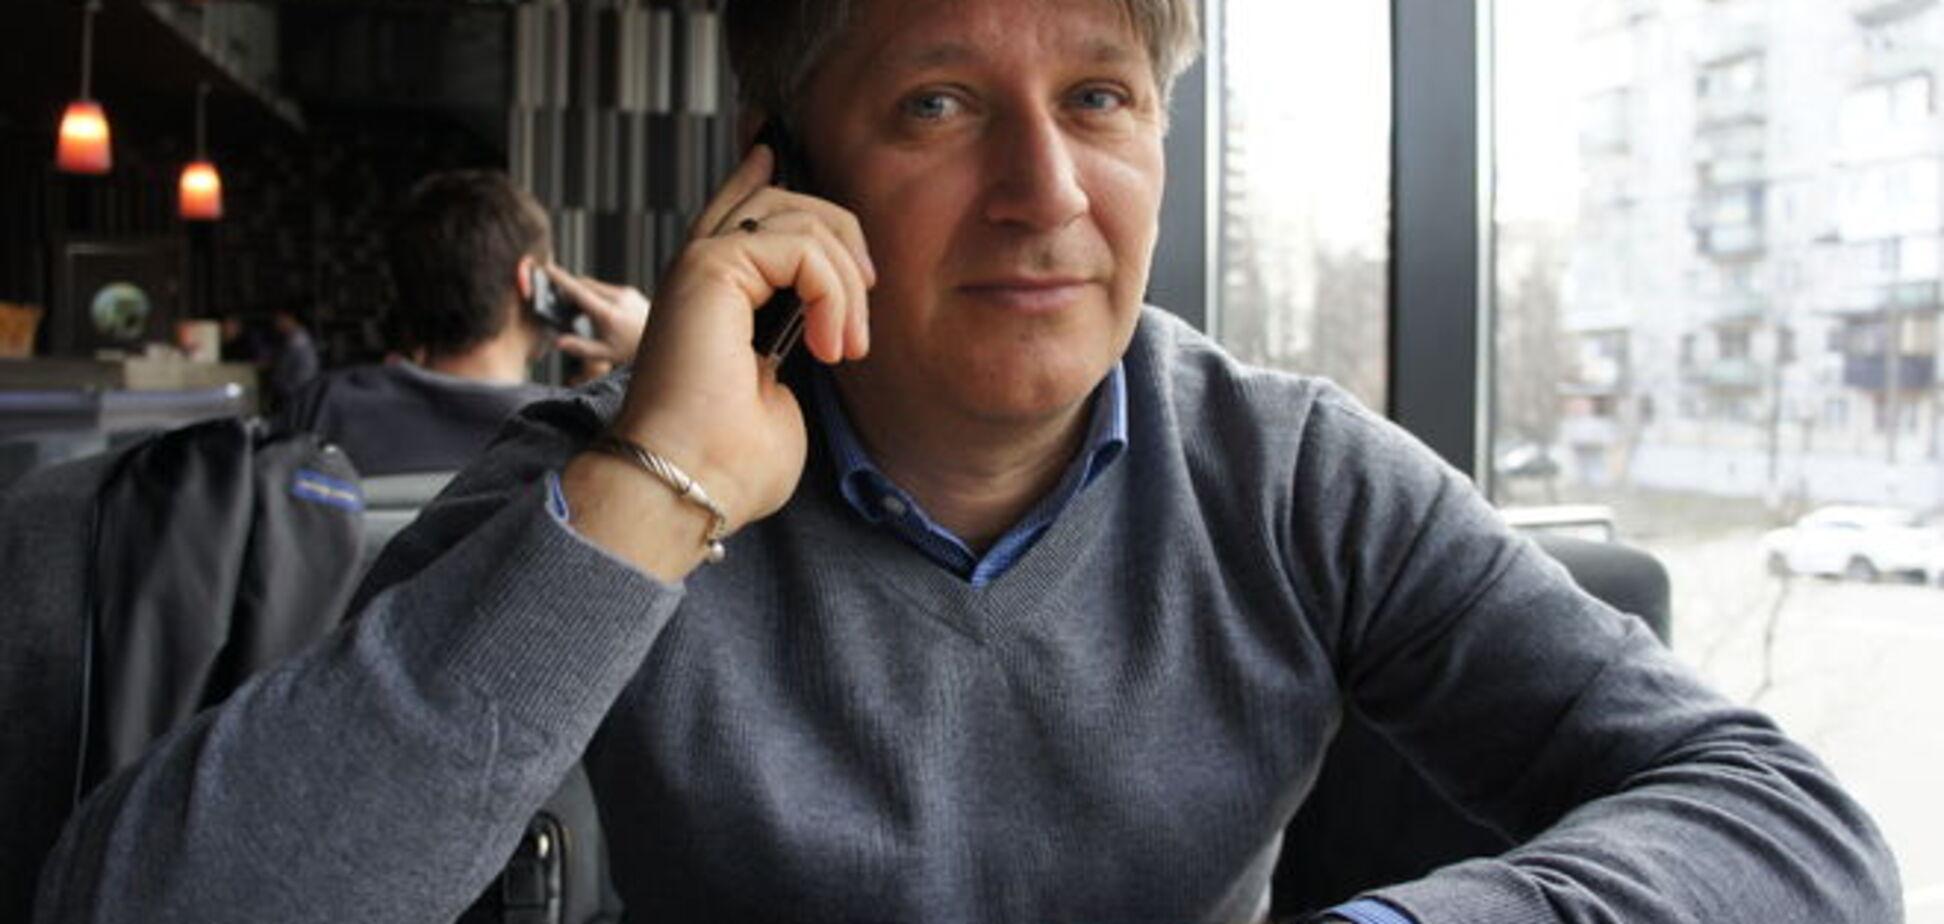 Сергей Ковалец: футбол - бизнес и политика, пора это признать